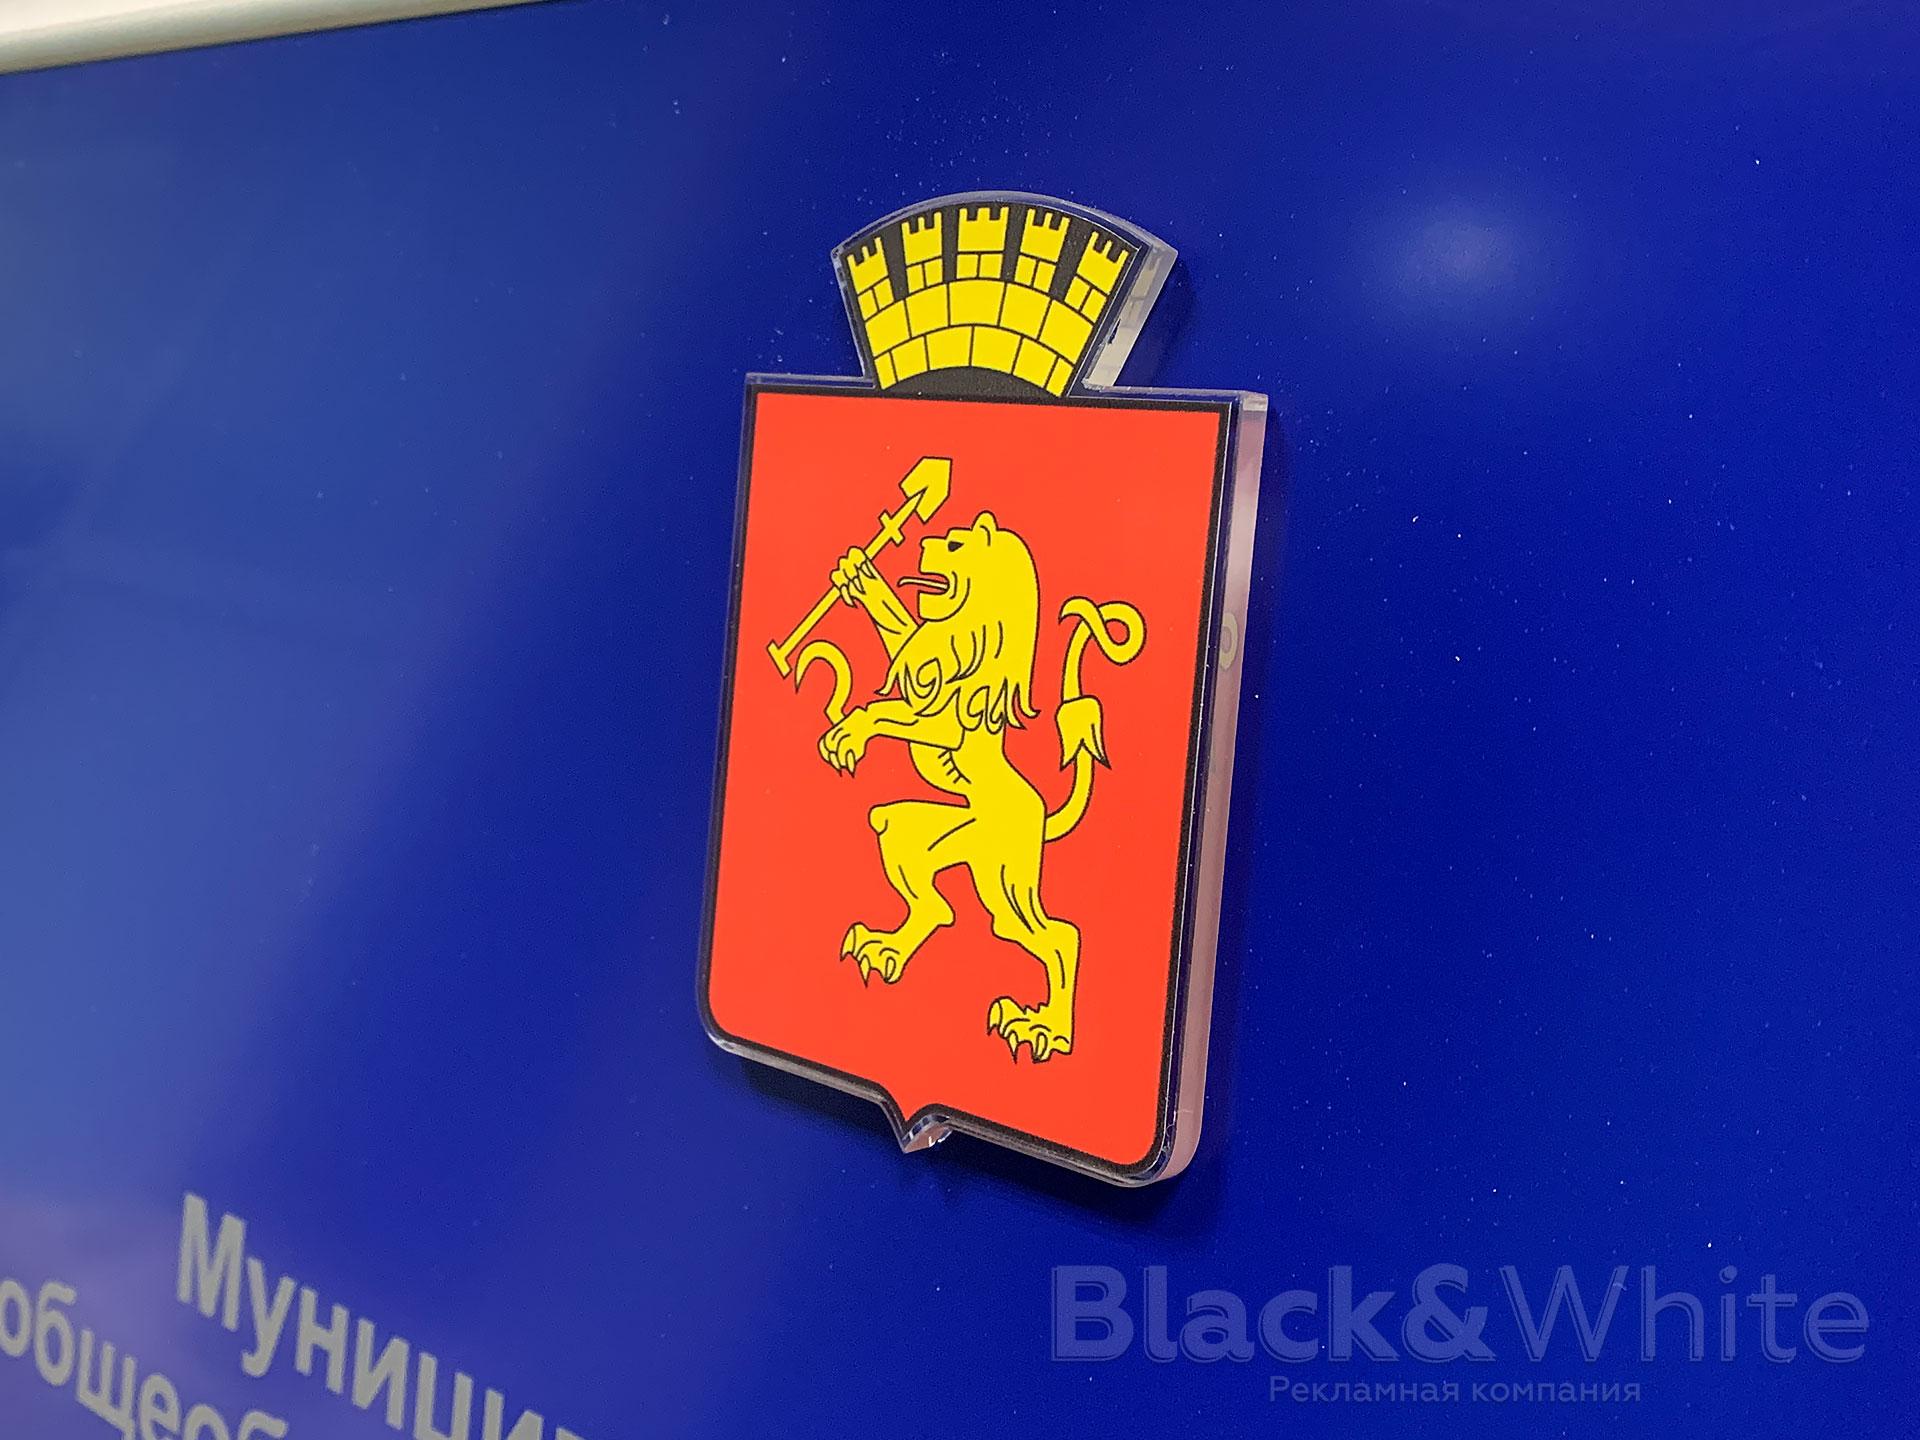 Фасабная-табличка-для-школы-Плоские-(псевдообъемные)-буквы-из-оргстекла-акрила-bukvyi-ploskie-psevdoobemnyie-bukvyi-iz-orgstekla-табличка-для-школы..jpg